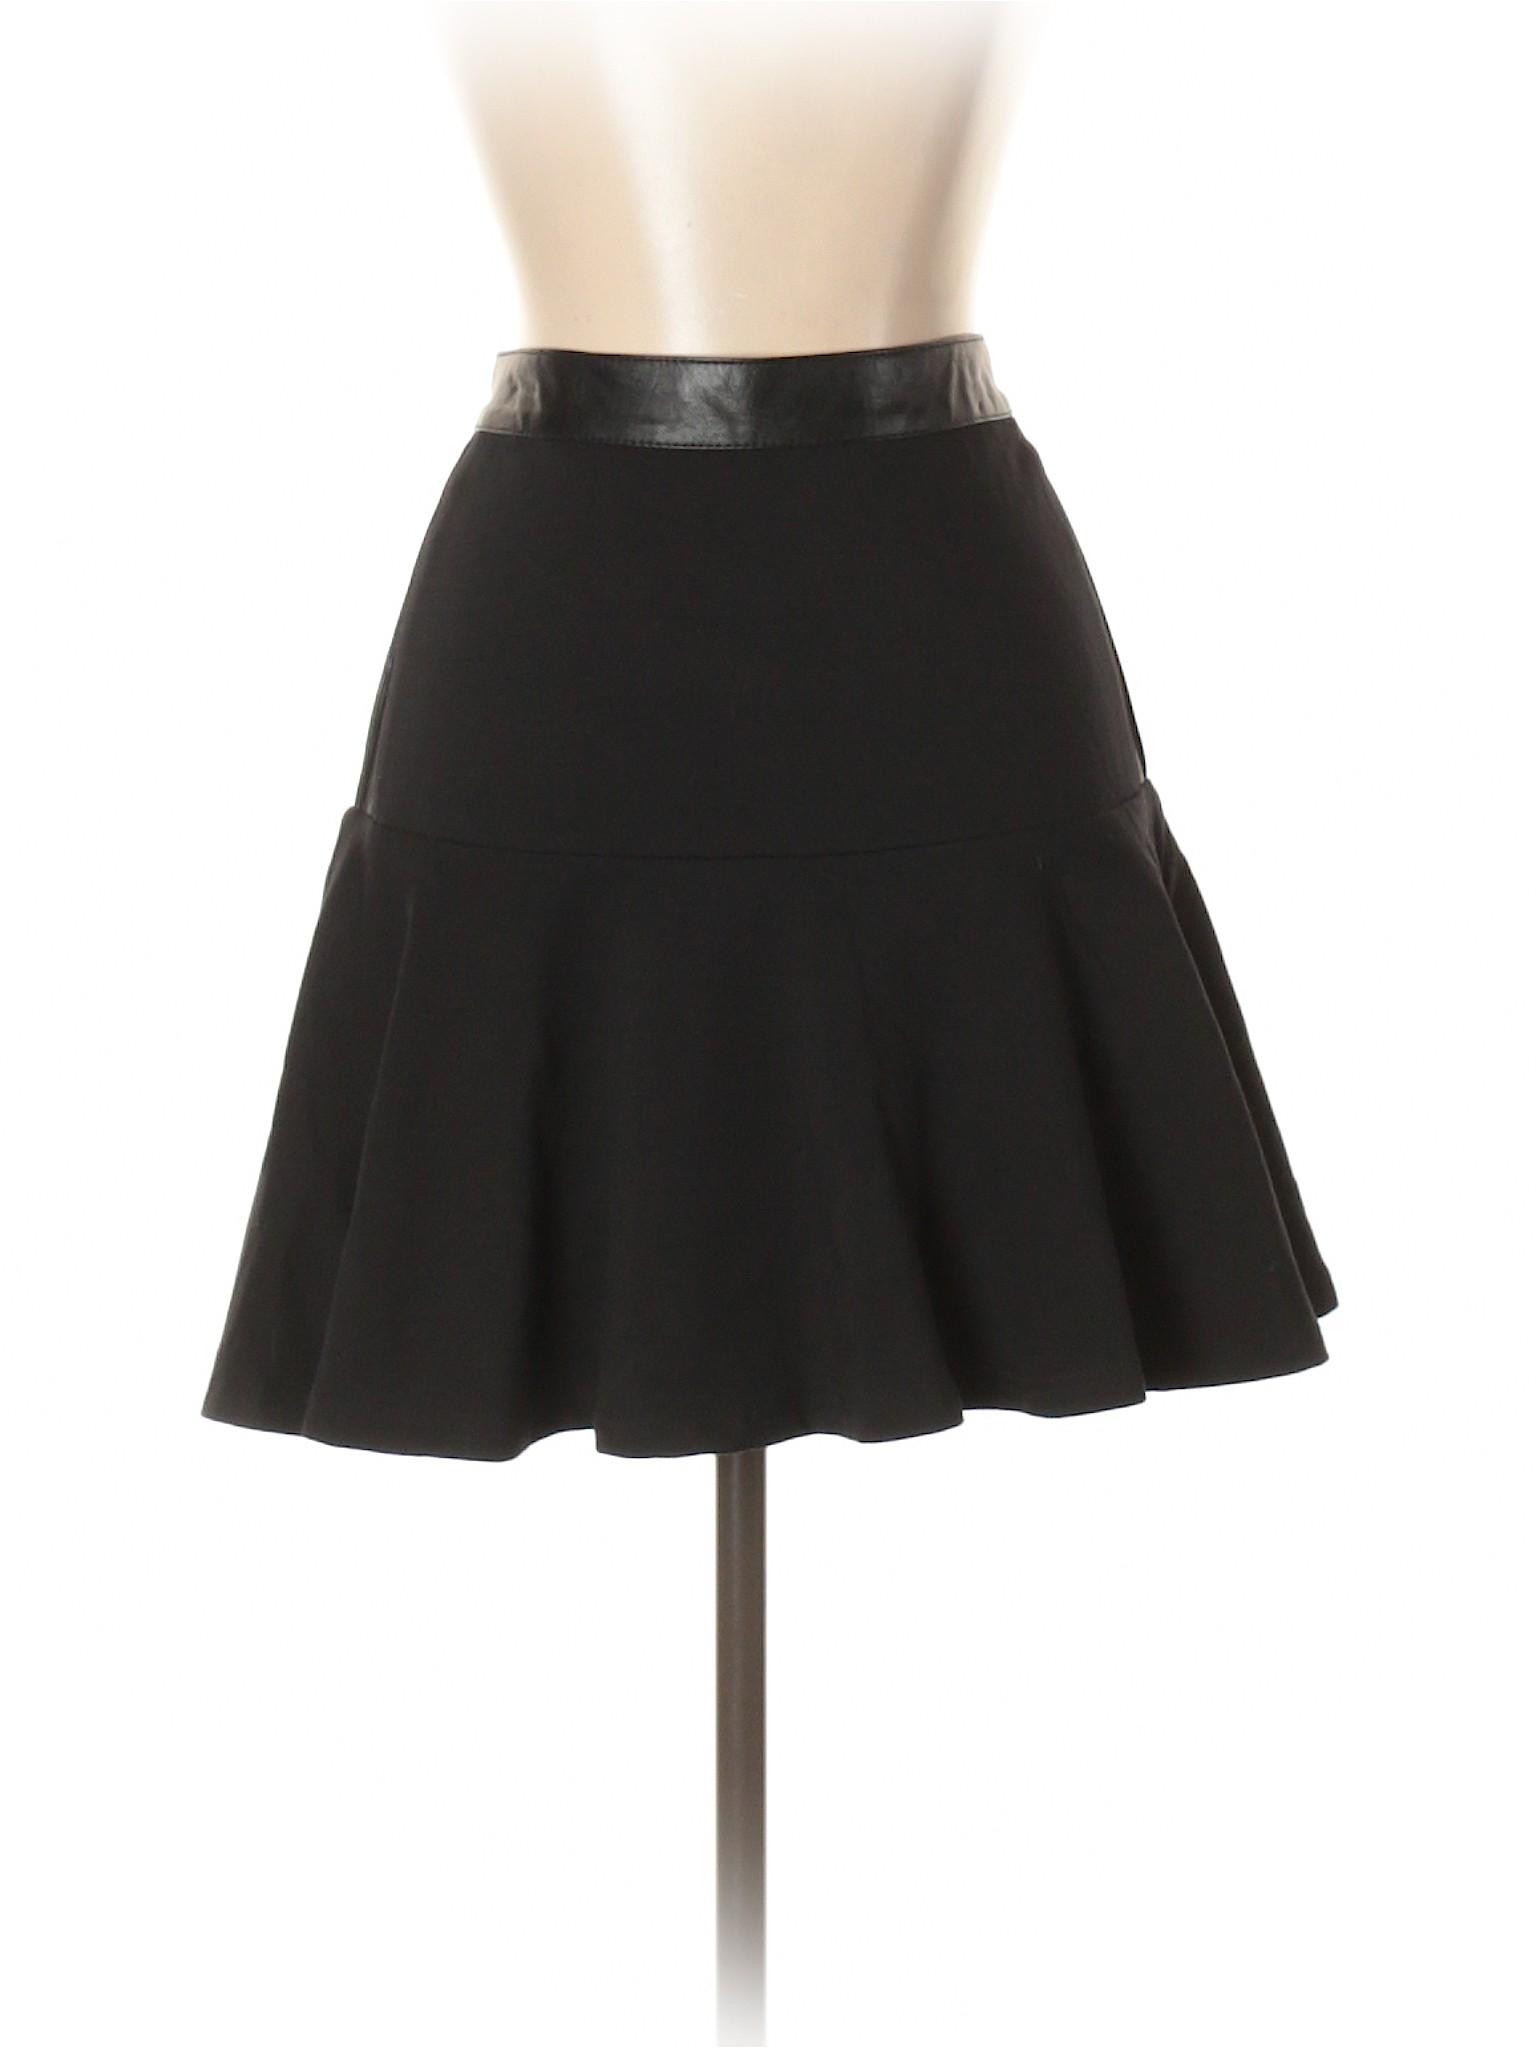 Boutique Casual Casual Boutique Boutique Casual Skirt Boutique Casual Skirt Skirt Boutique Skirt Casual 5tfWwxfBqz